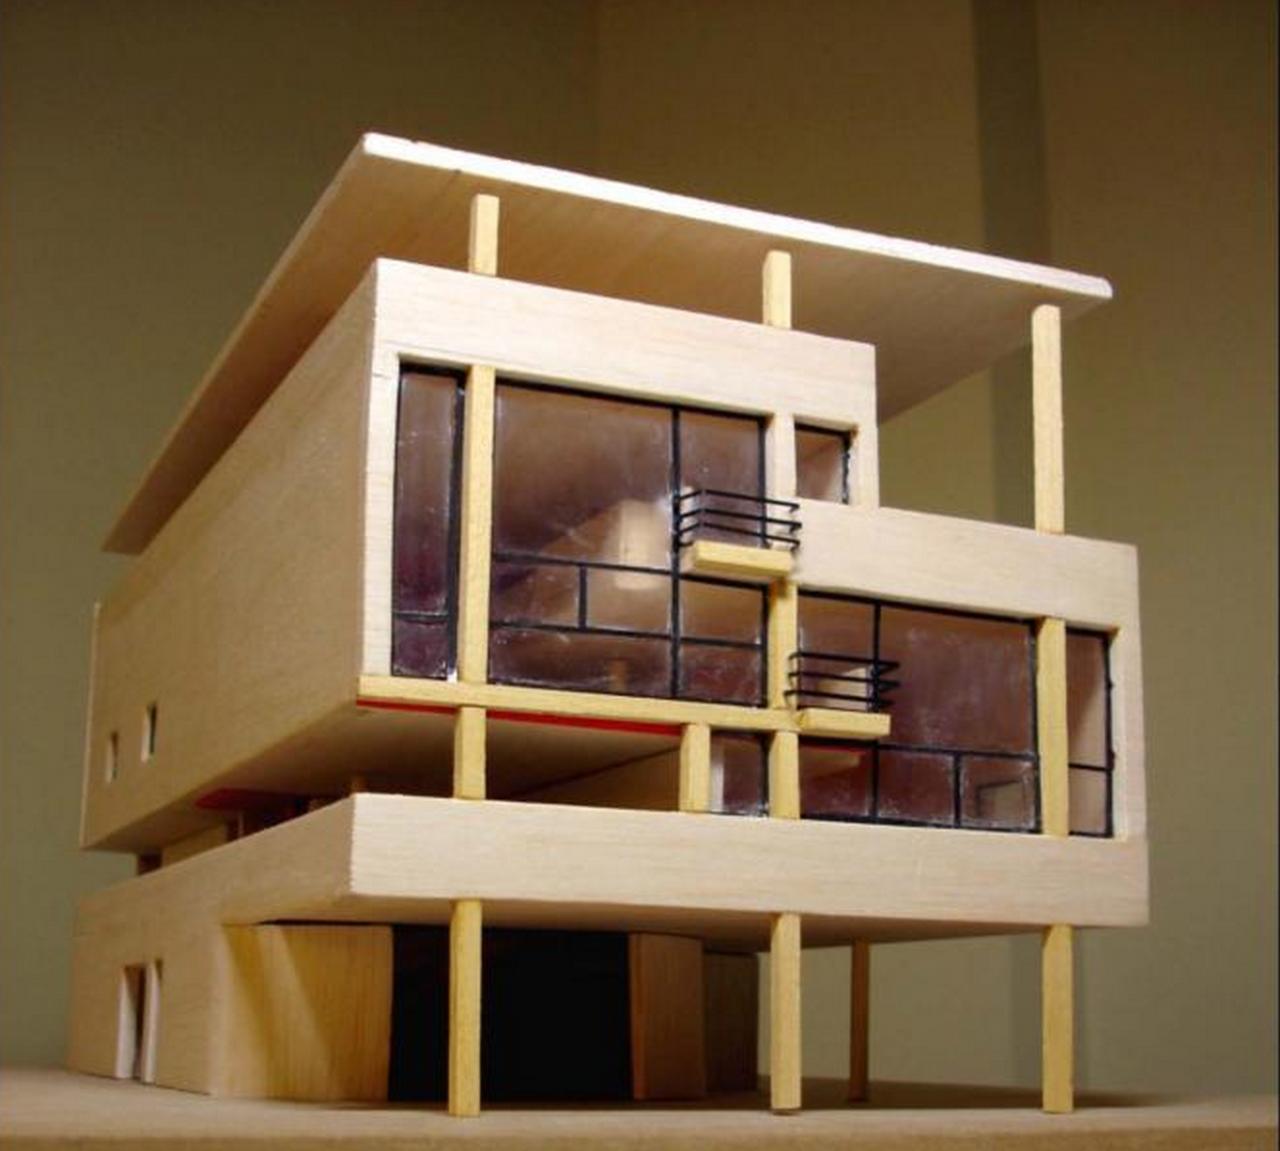 Pin de karan justus en miniatures pinterest maquetas for Casa moderna maqueta